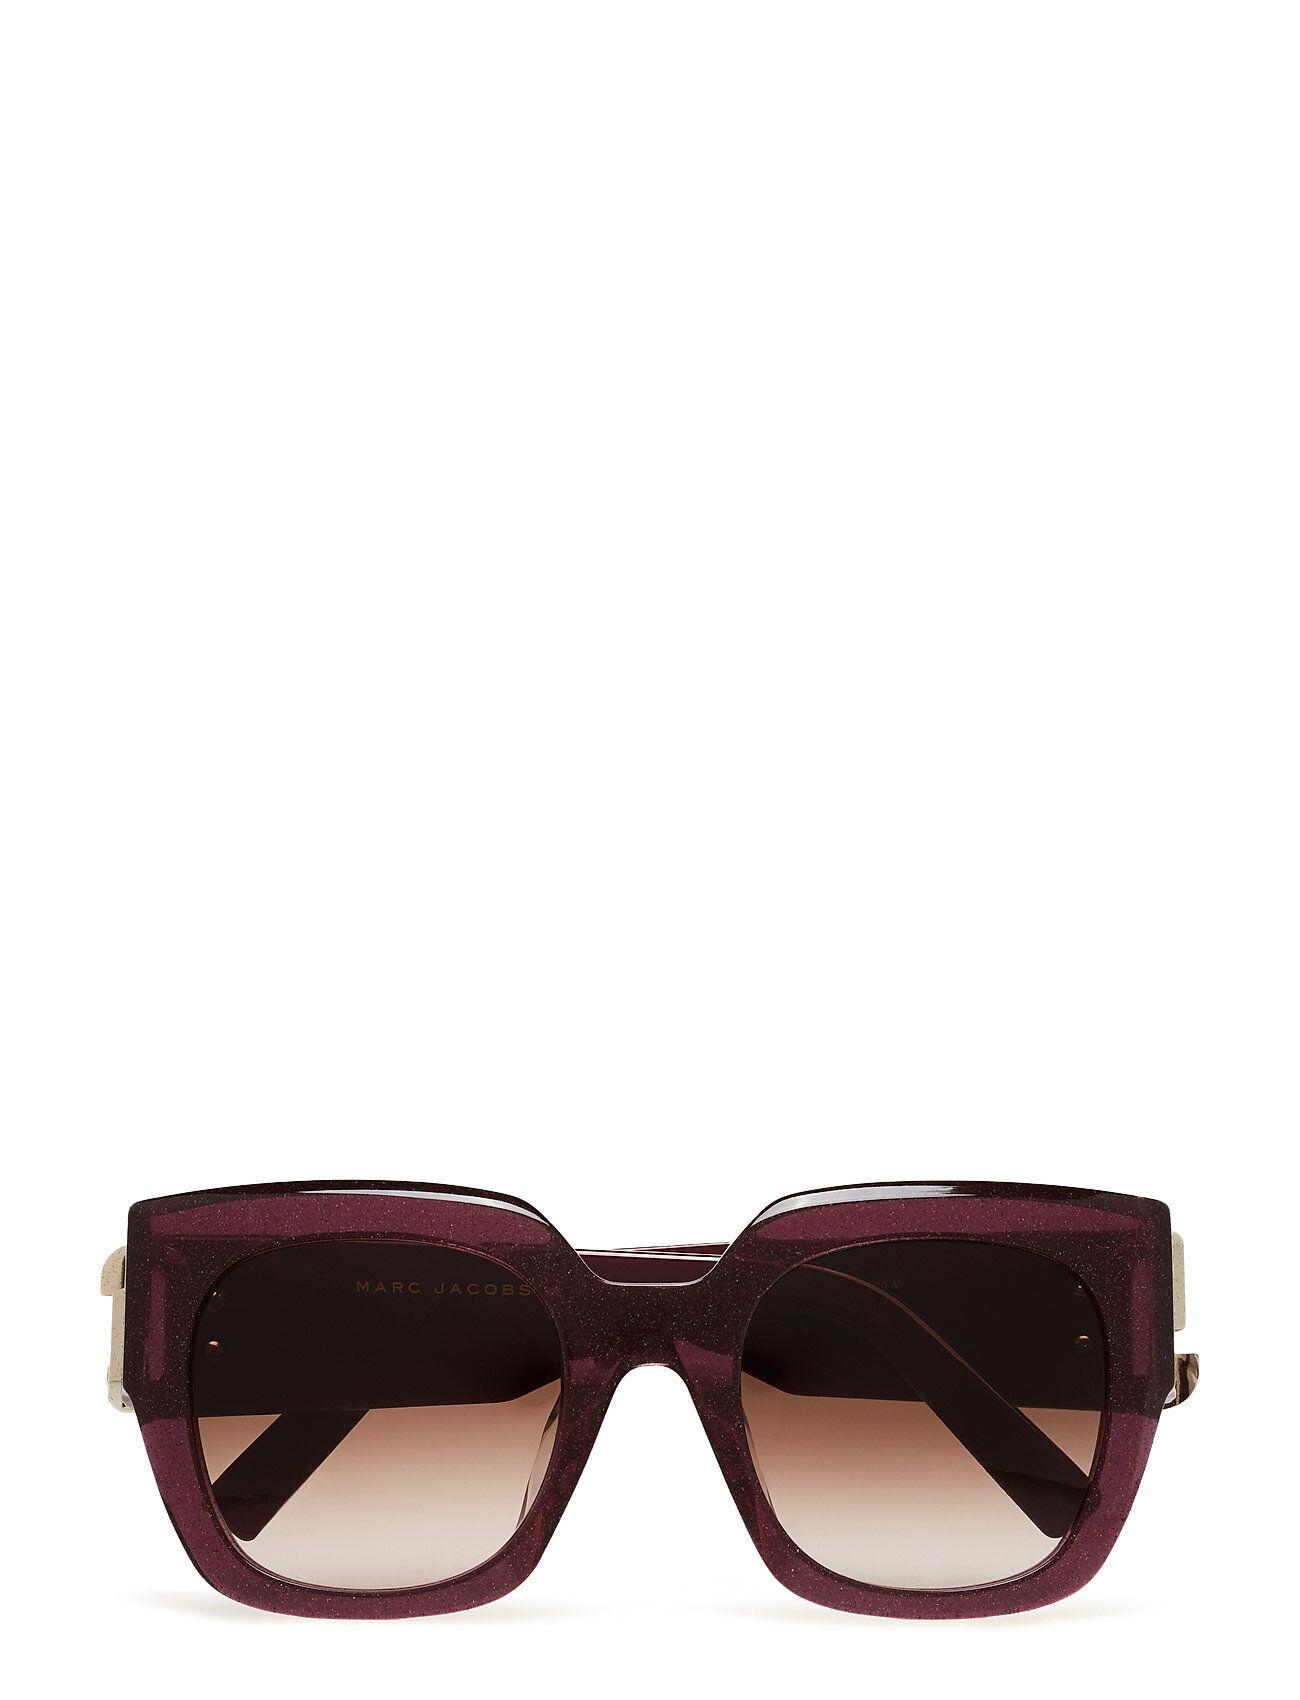 Image of Marc Jacobs Sunglasses Marc 110/S Neliönmuotoiset Aurinkolasit Ruskea Marc Jacobs Sunglasses